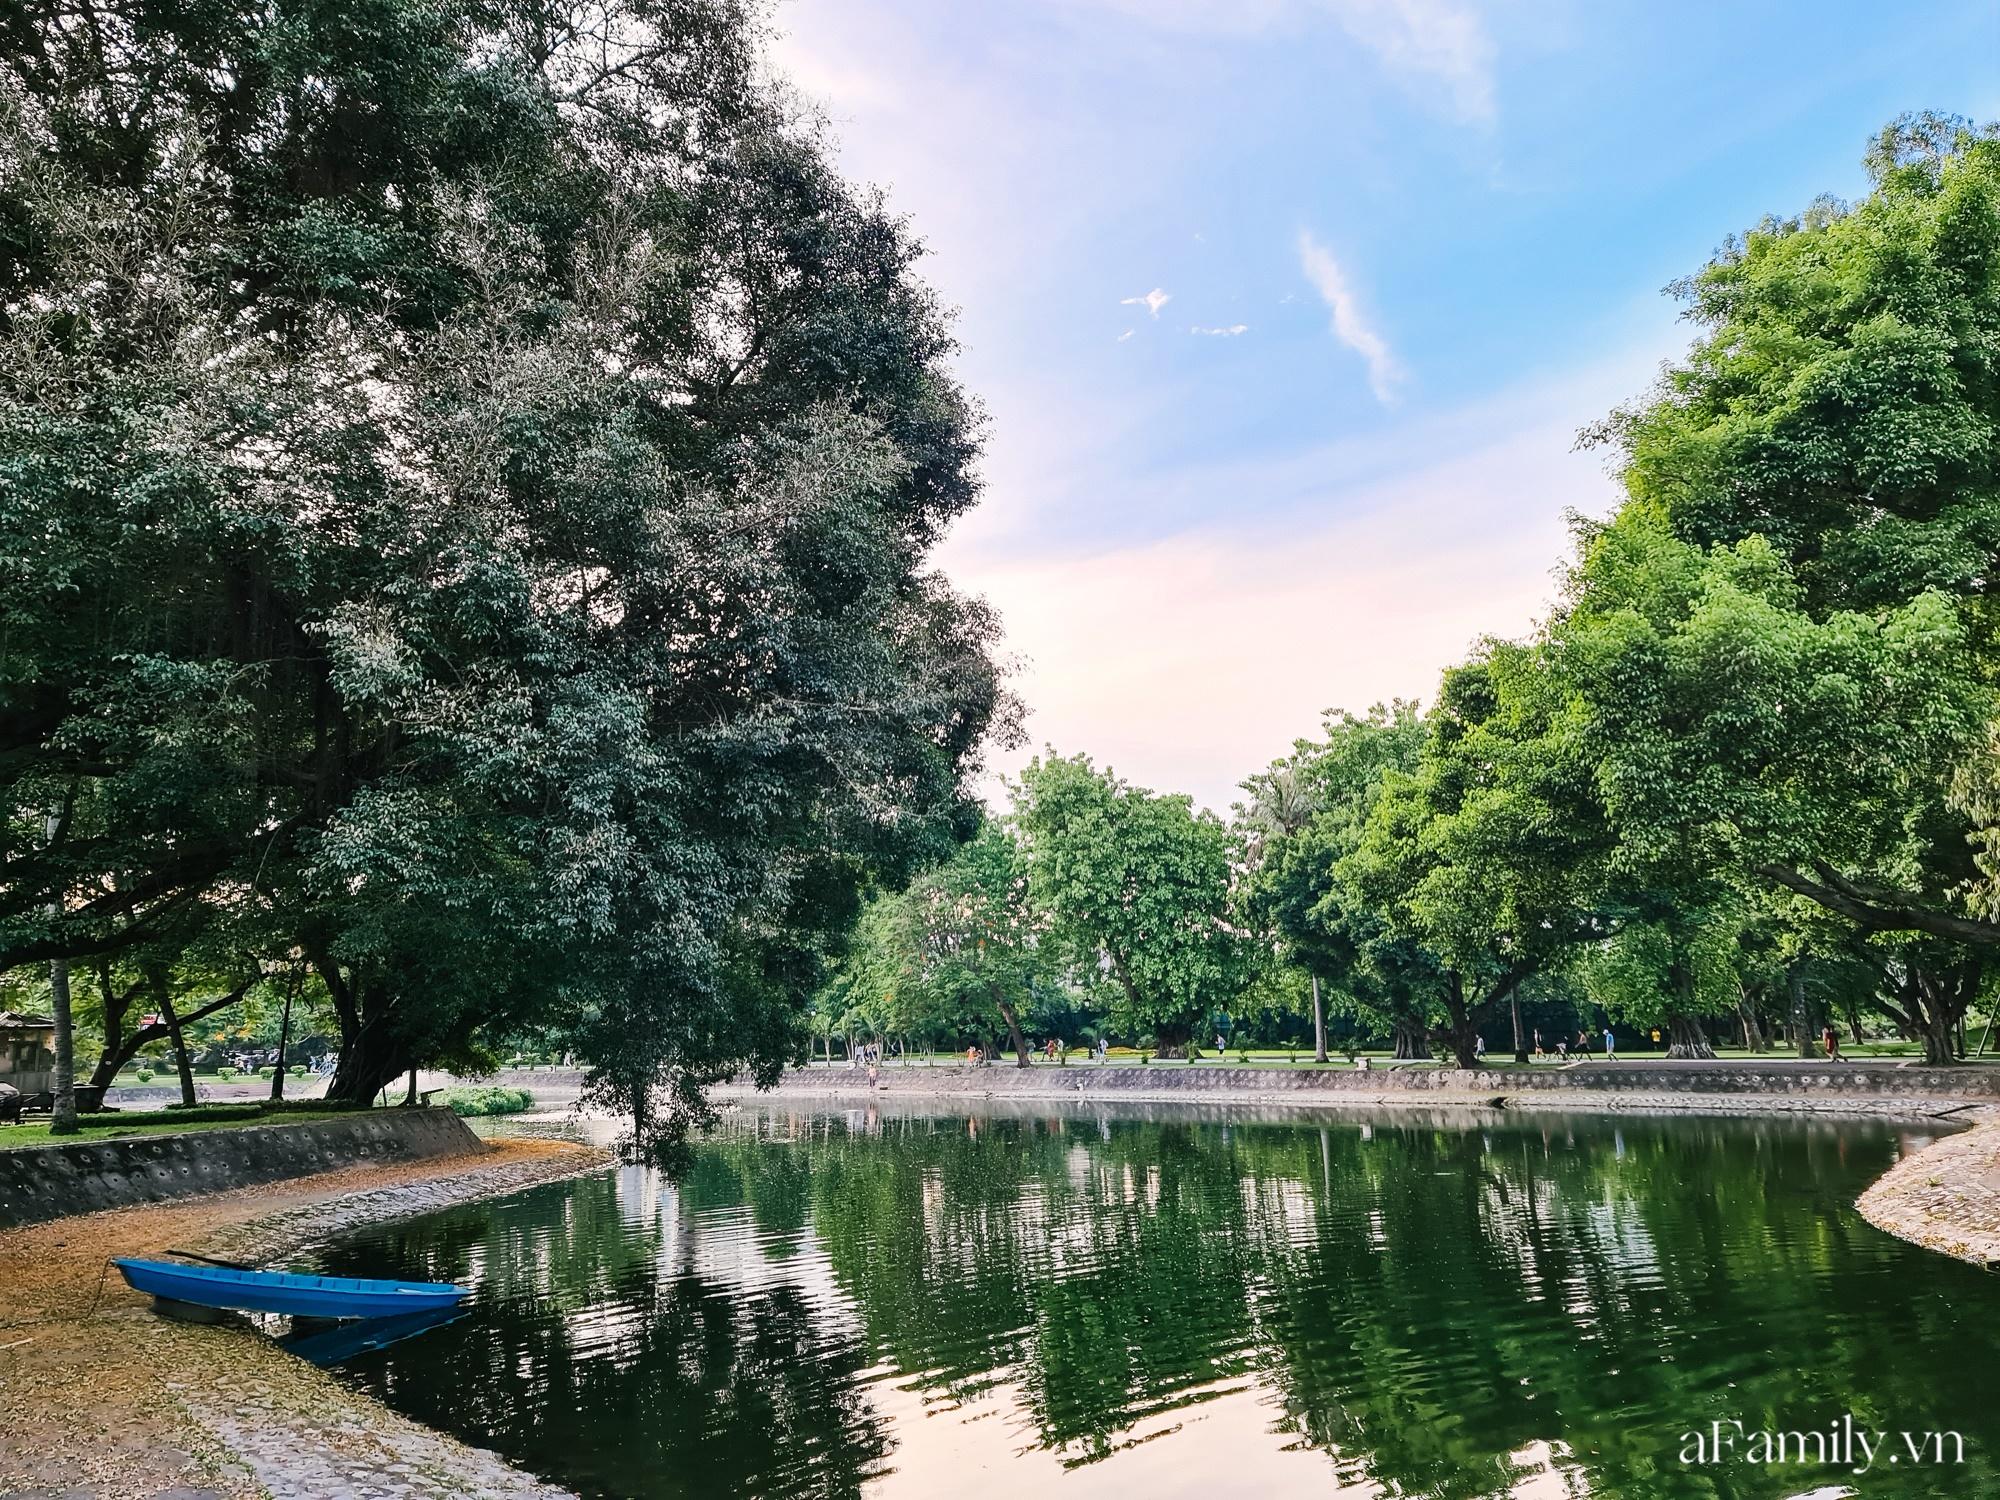 4000 đồng cho tour du lịch hè độc đáo ngay giữa thủ đô ở một công viên lâu đời vừa có đảo, vừa có rừng cây xanh, hồ cá trong lành - Ảnh 39.